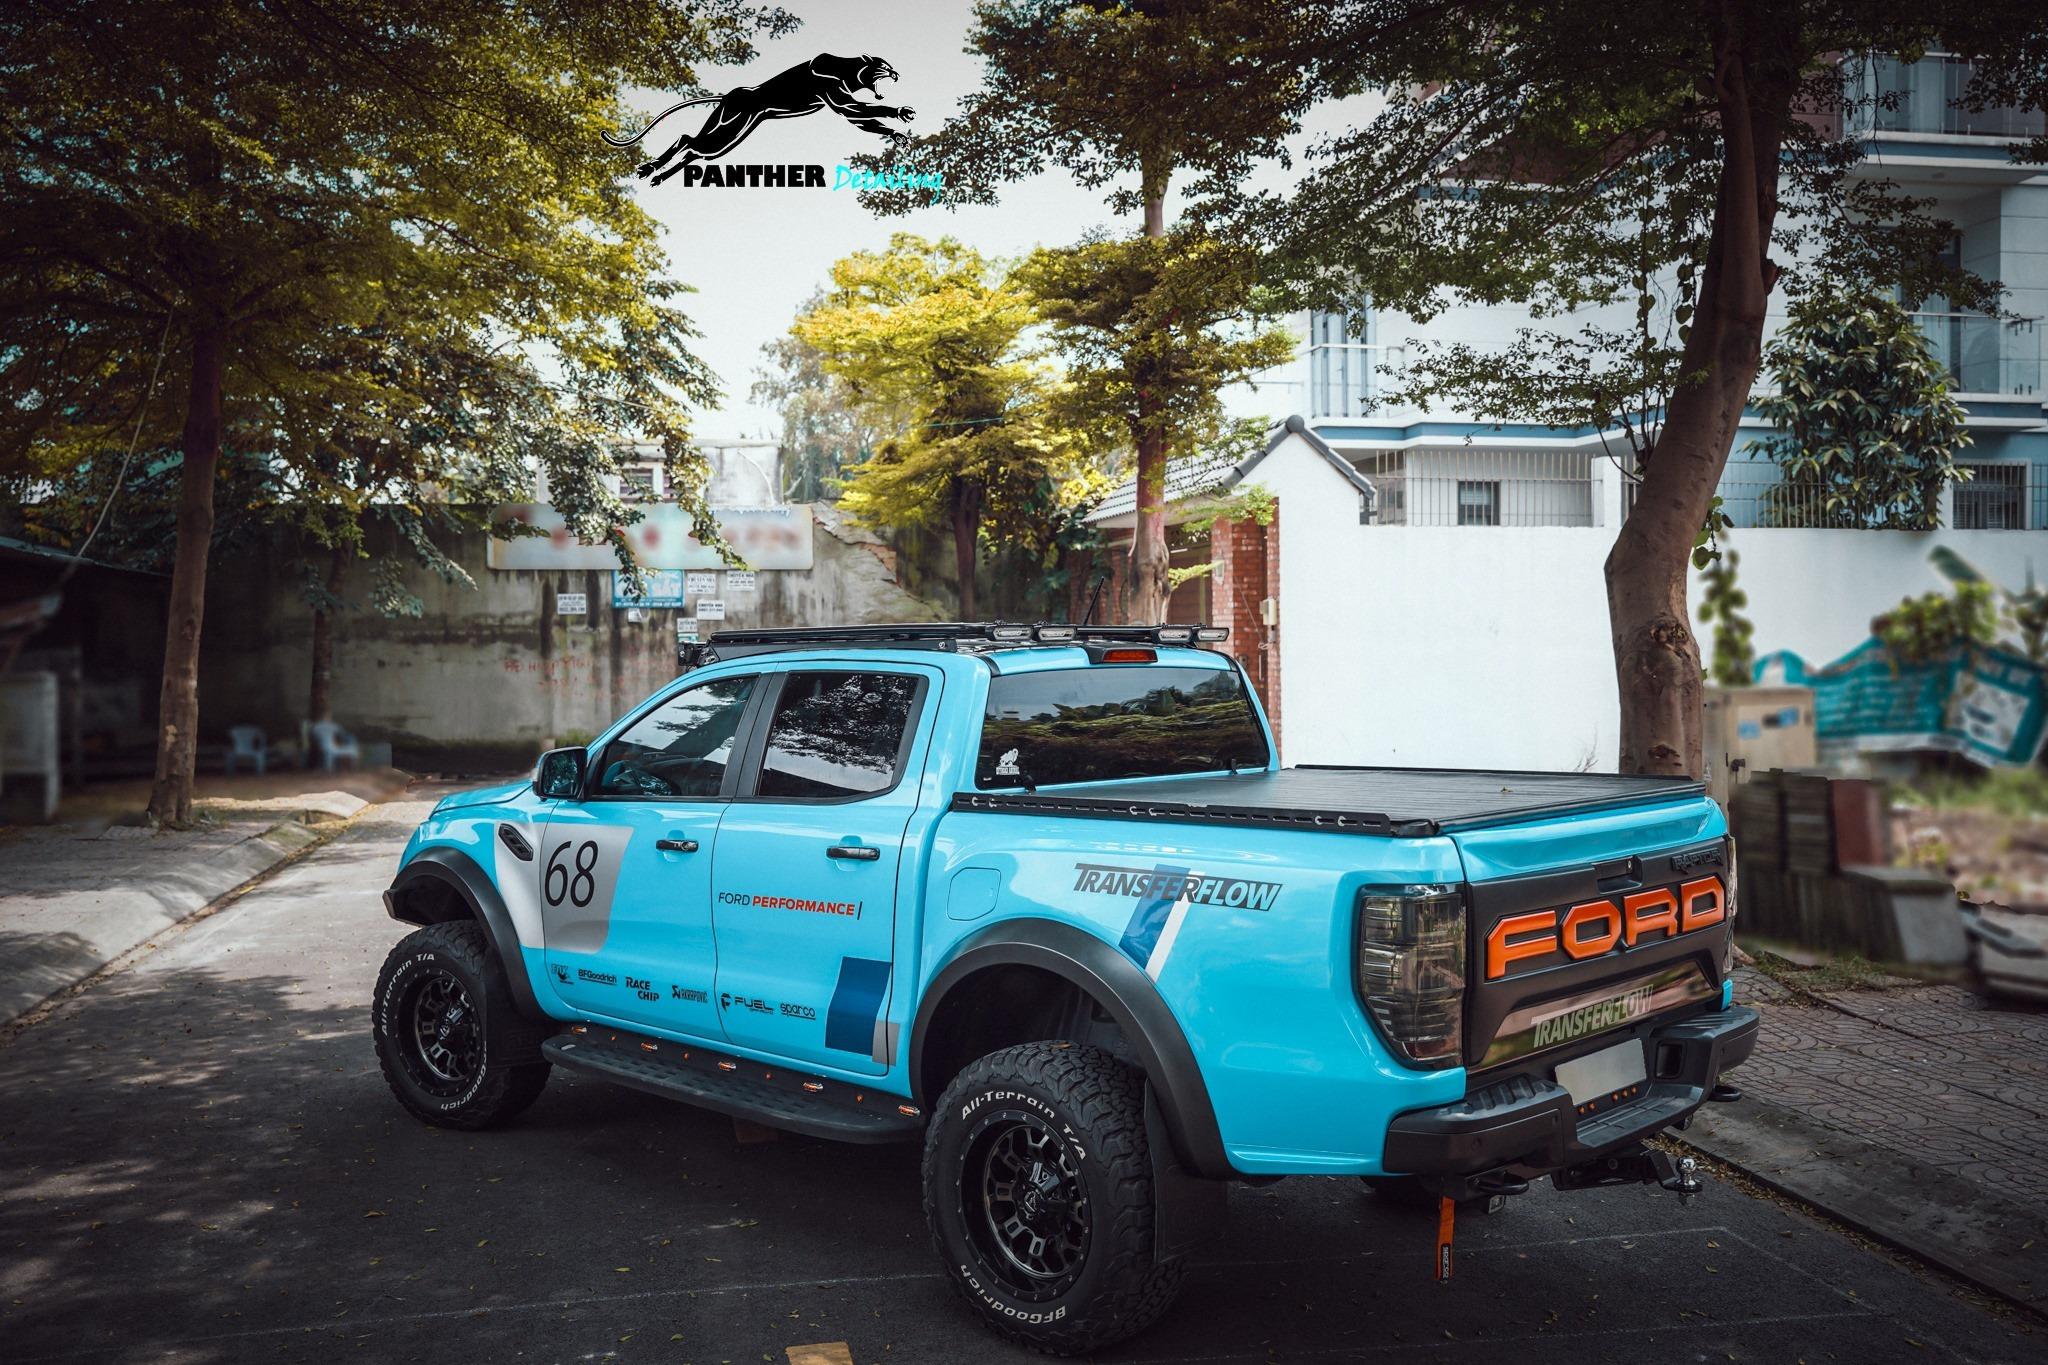 Lắp đặt cảm biến lùi trên xe bán tải Ford Ranger để làm gì? Nhiều chủ xe muốn lắp đặt phụ kiện này nhưng lại chưa thể hiểu hết được công dụng của nó hỗ trợ gì cho xe thì hôm nay panther4x4.vn xinchia sẻ một số thông tin cho bạn đọc cùng hiểu về sản phảm nhé!